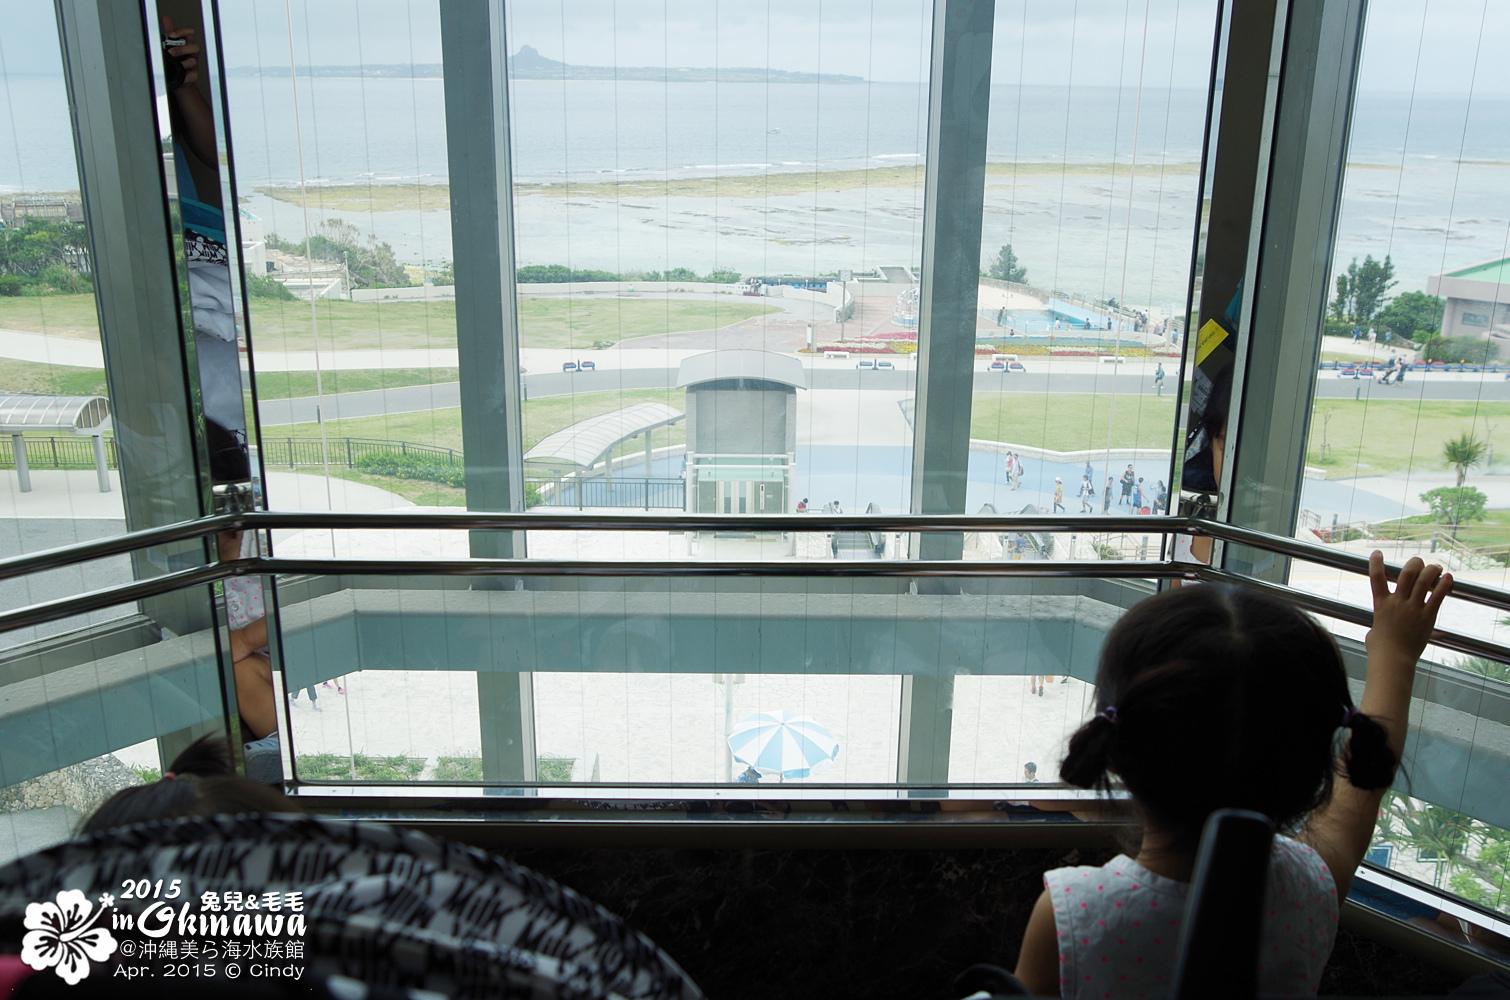 2015-0405-沖縄美ら海水族館-05.jpg